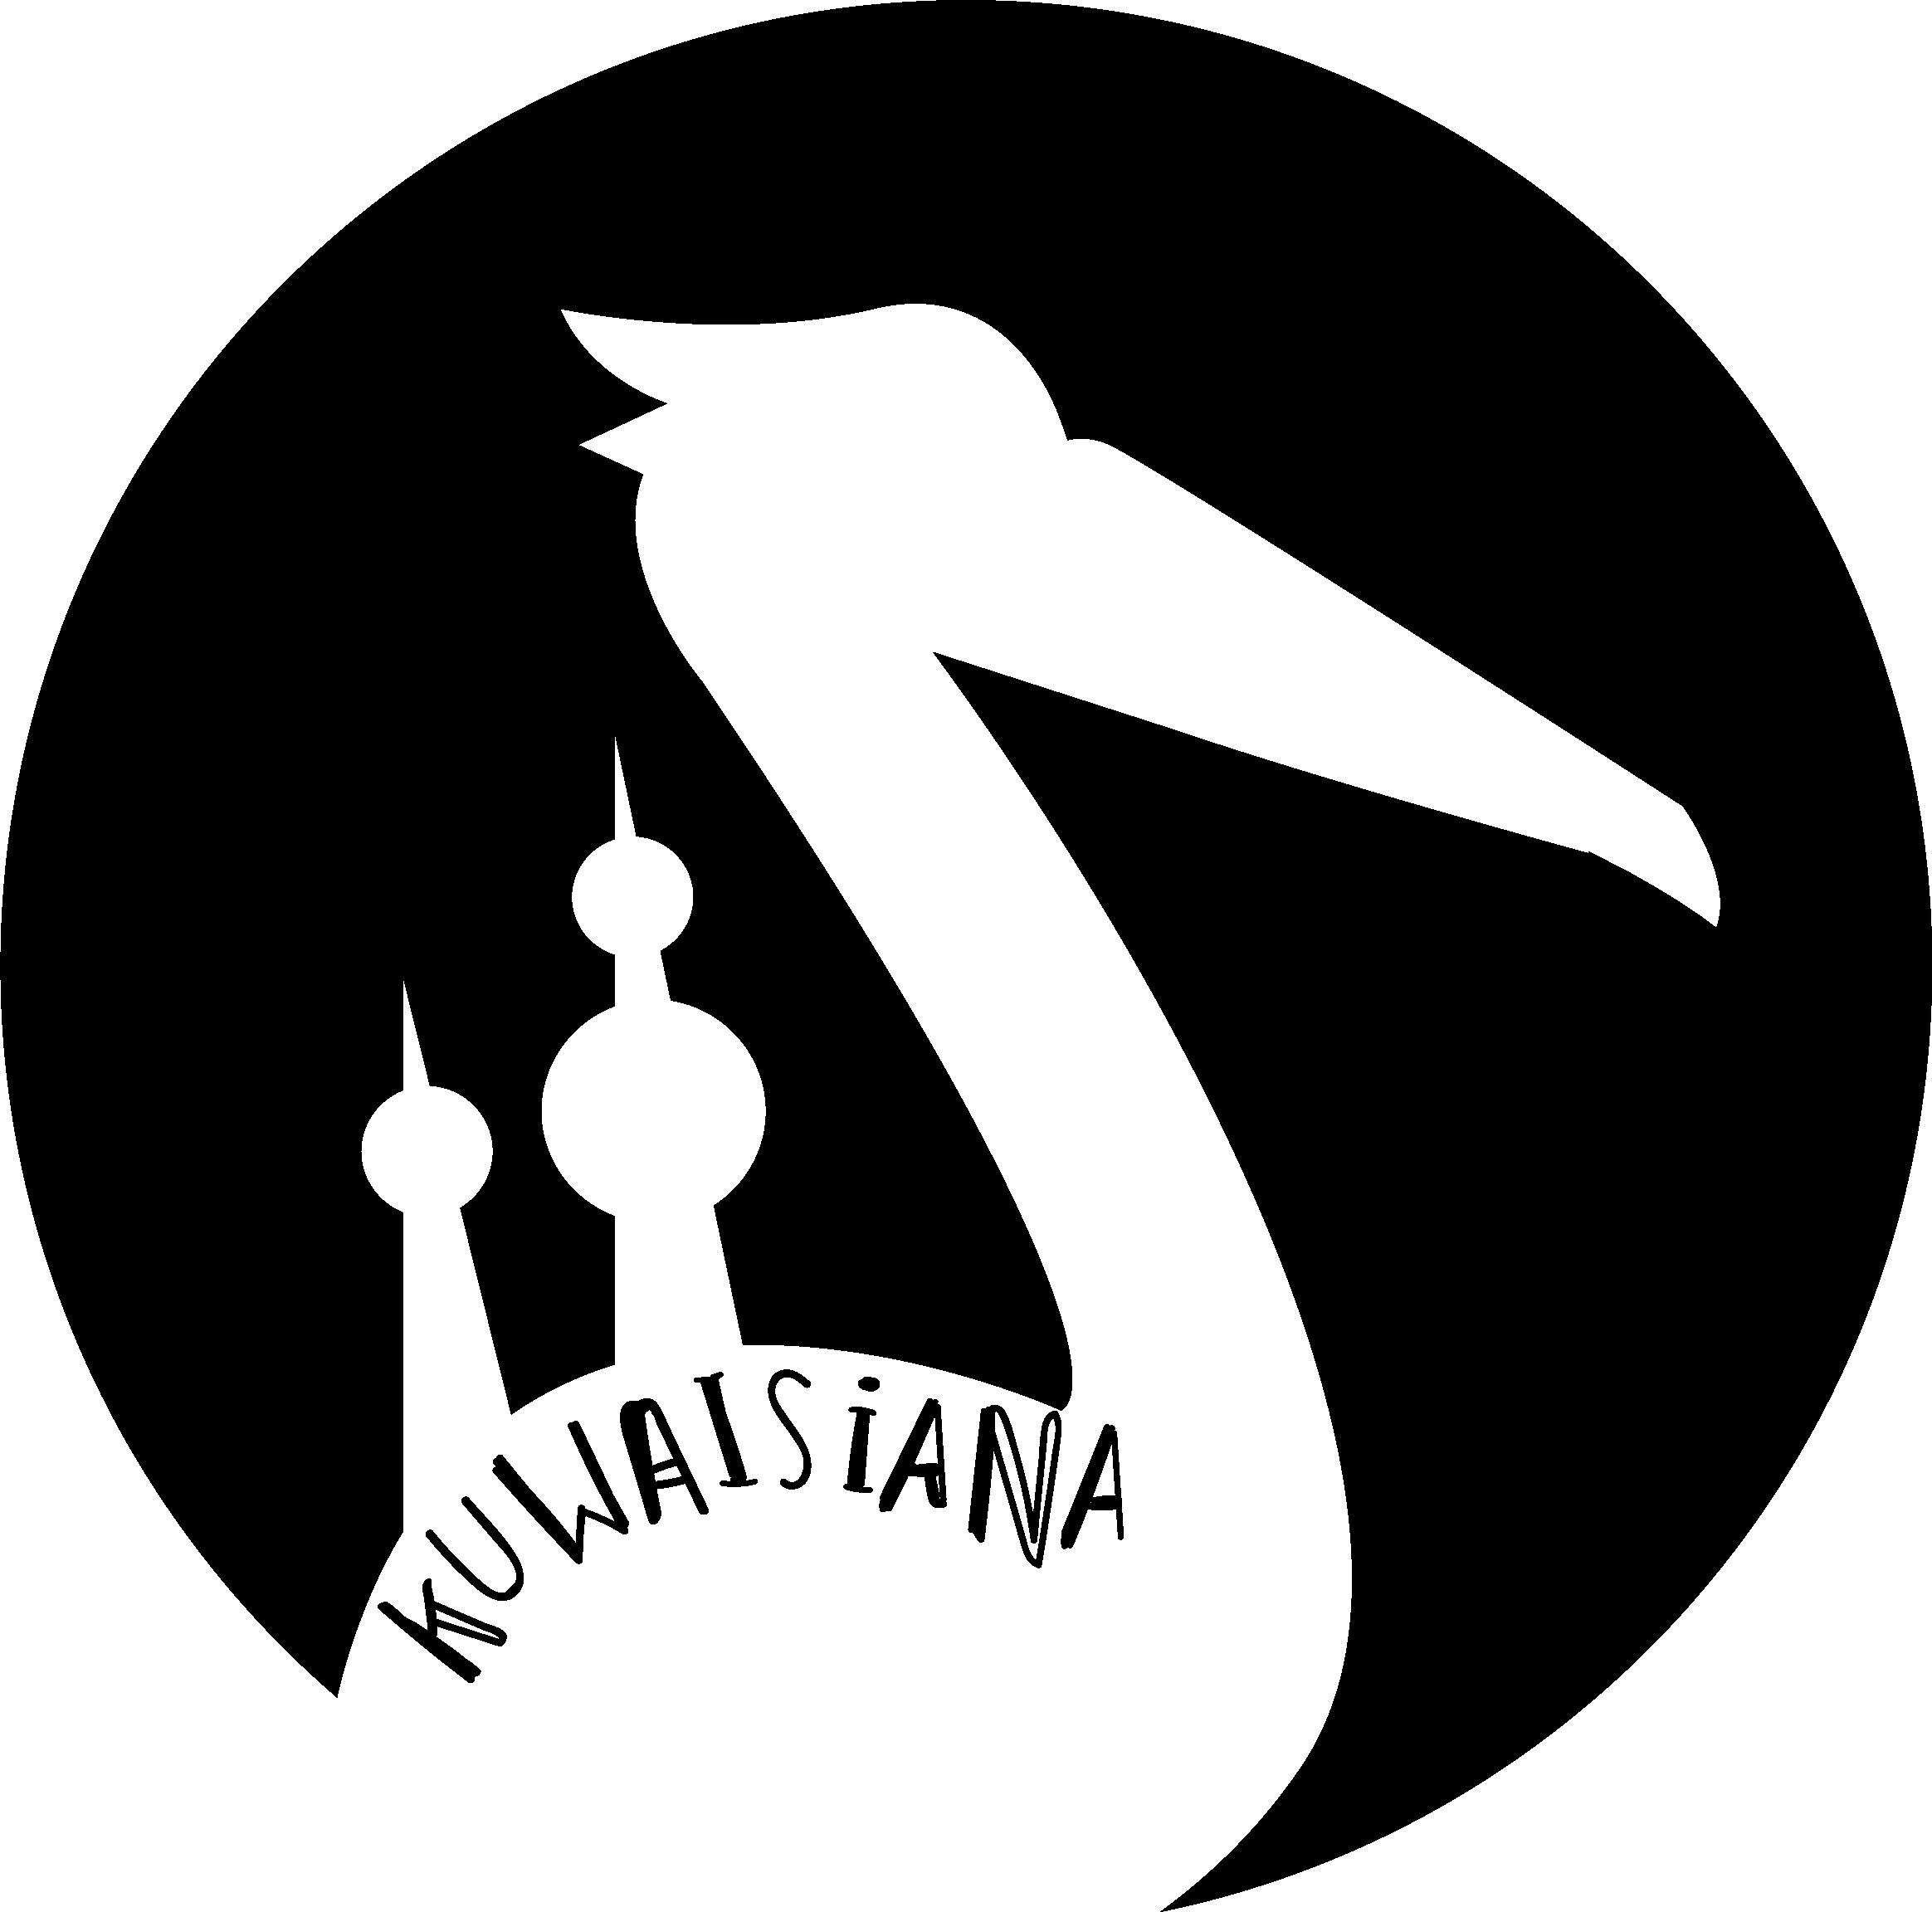 Kuwaisiana Pelican Logo